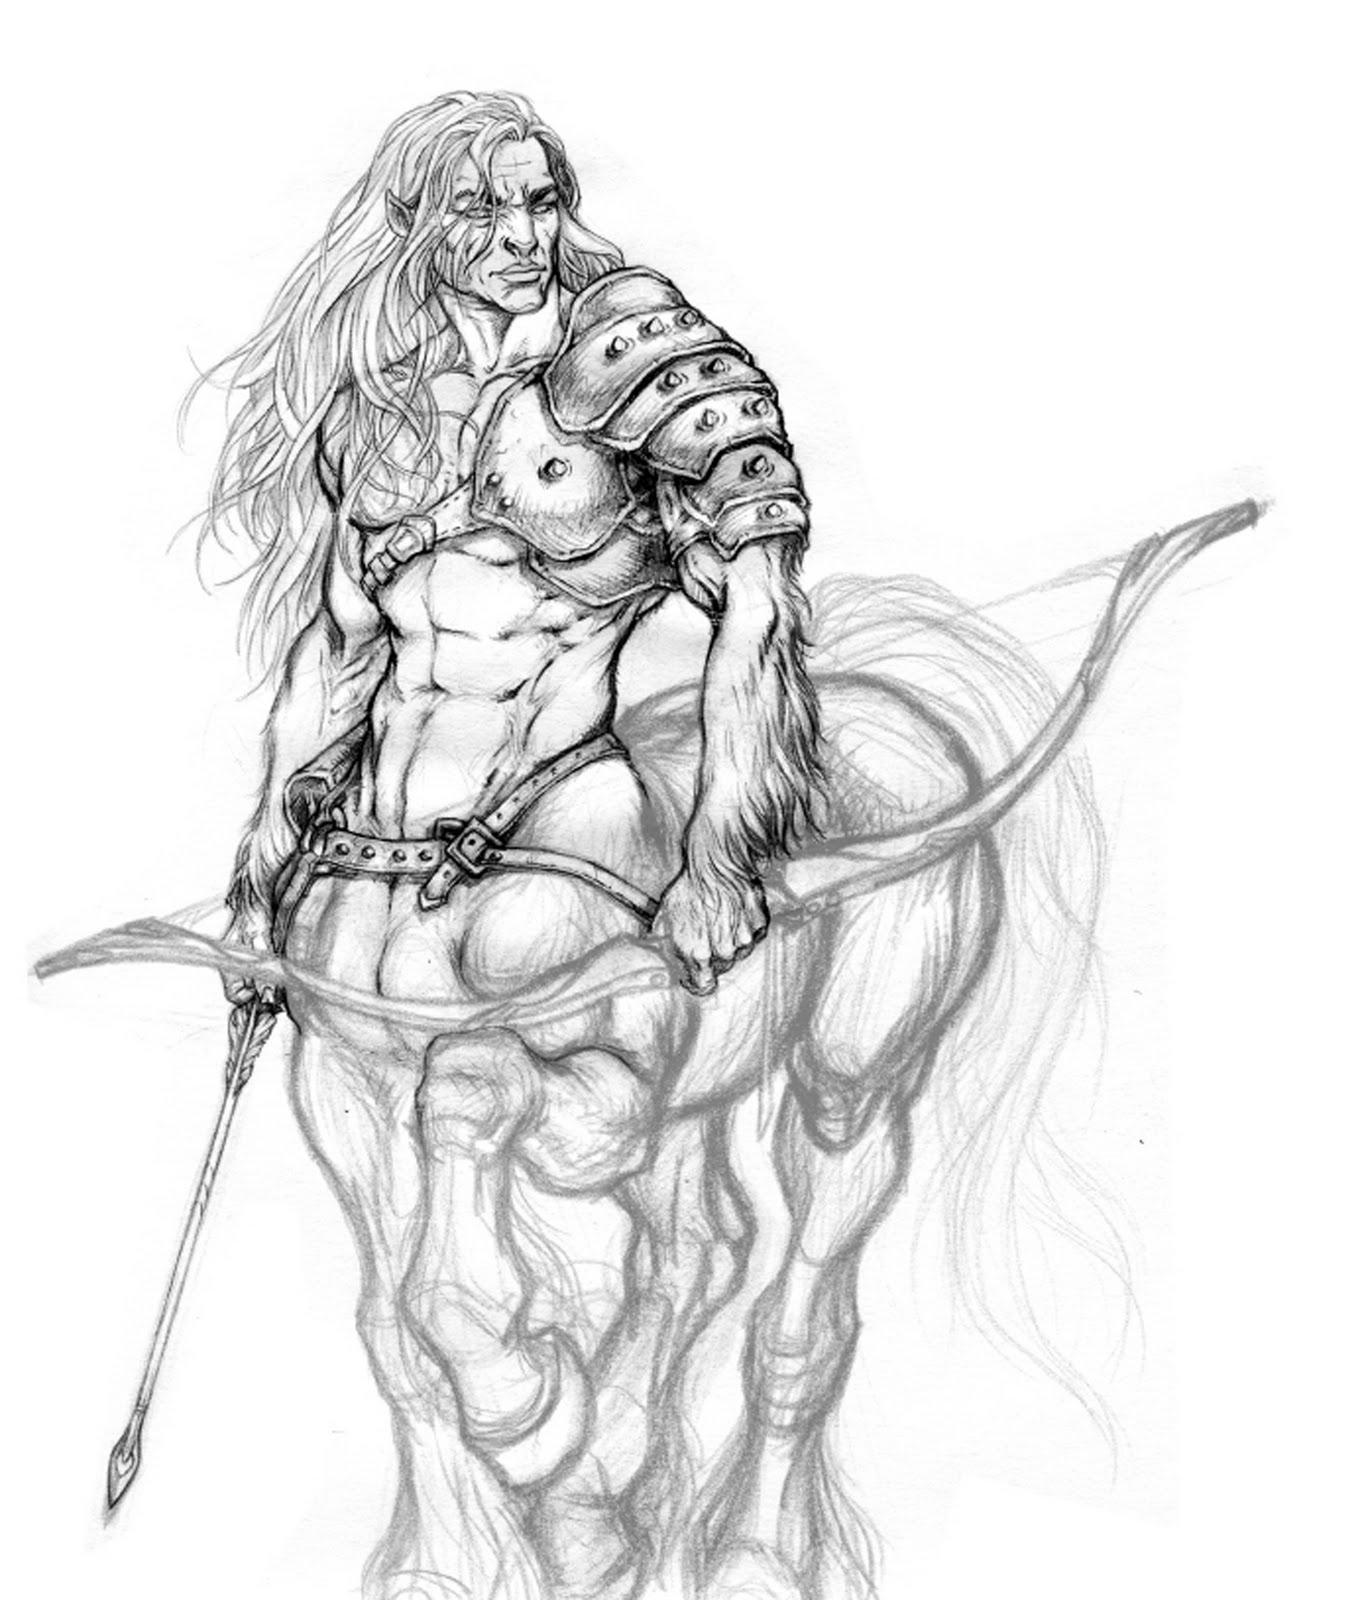 Serious Centaur Art: WIP | Centaurica